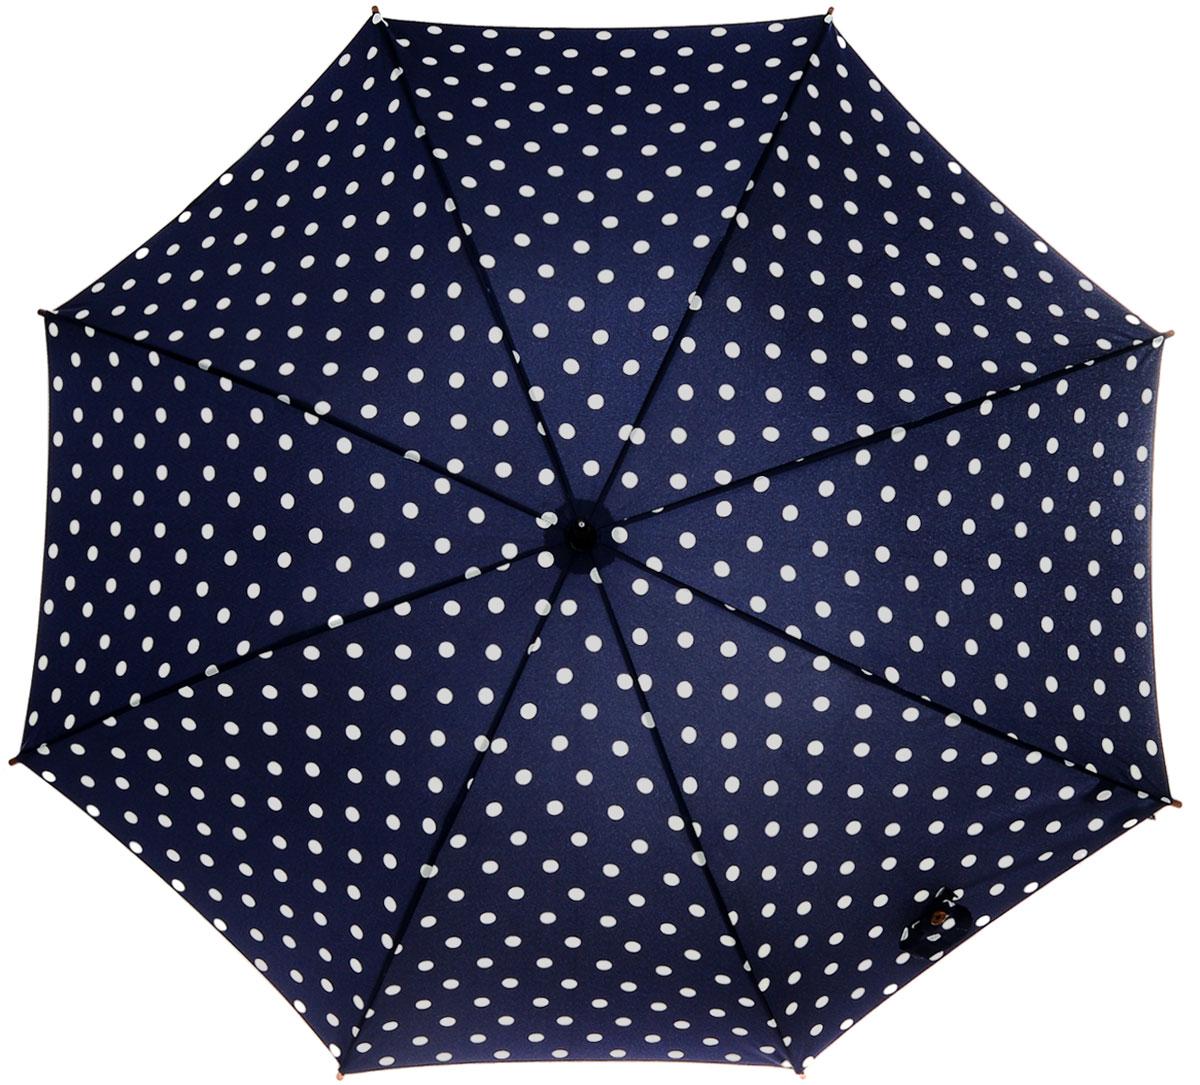 Зонт-трость женский Spot Navy, механический, цвет: синий, белыйL541 3F2654Стильный механический зонт-трость Spot Navy даже в ненастную погоду позволит вам оставаться элегантной. Облегченный каркас зонта выполнен из 8 спиц из фибергласса, стержень изготовлен из дерева. Купол зонта выполнен из прочного полиэстера и оформлен принтом в горошек. Рукоятка закругленной формы разработана с учетом требований эргономики и выполнена из дерева. Зонт имеет механический тип сложения: купол открывается и закрывается вручную до характерного щелчка. Такой зонт не только надежно защитит вас от дождя, но и станет стильным аксессуаром.